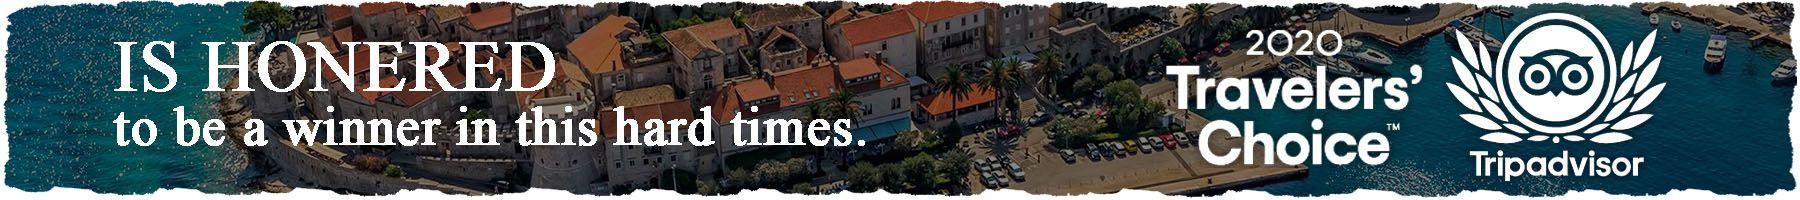 TripAvisor Europe Yachts Charter Catamarans